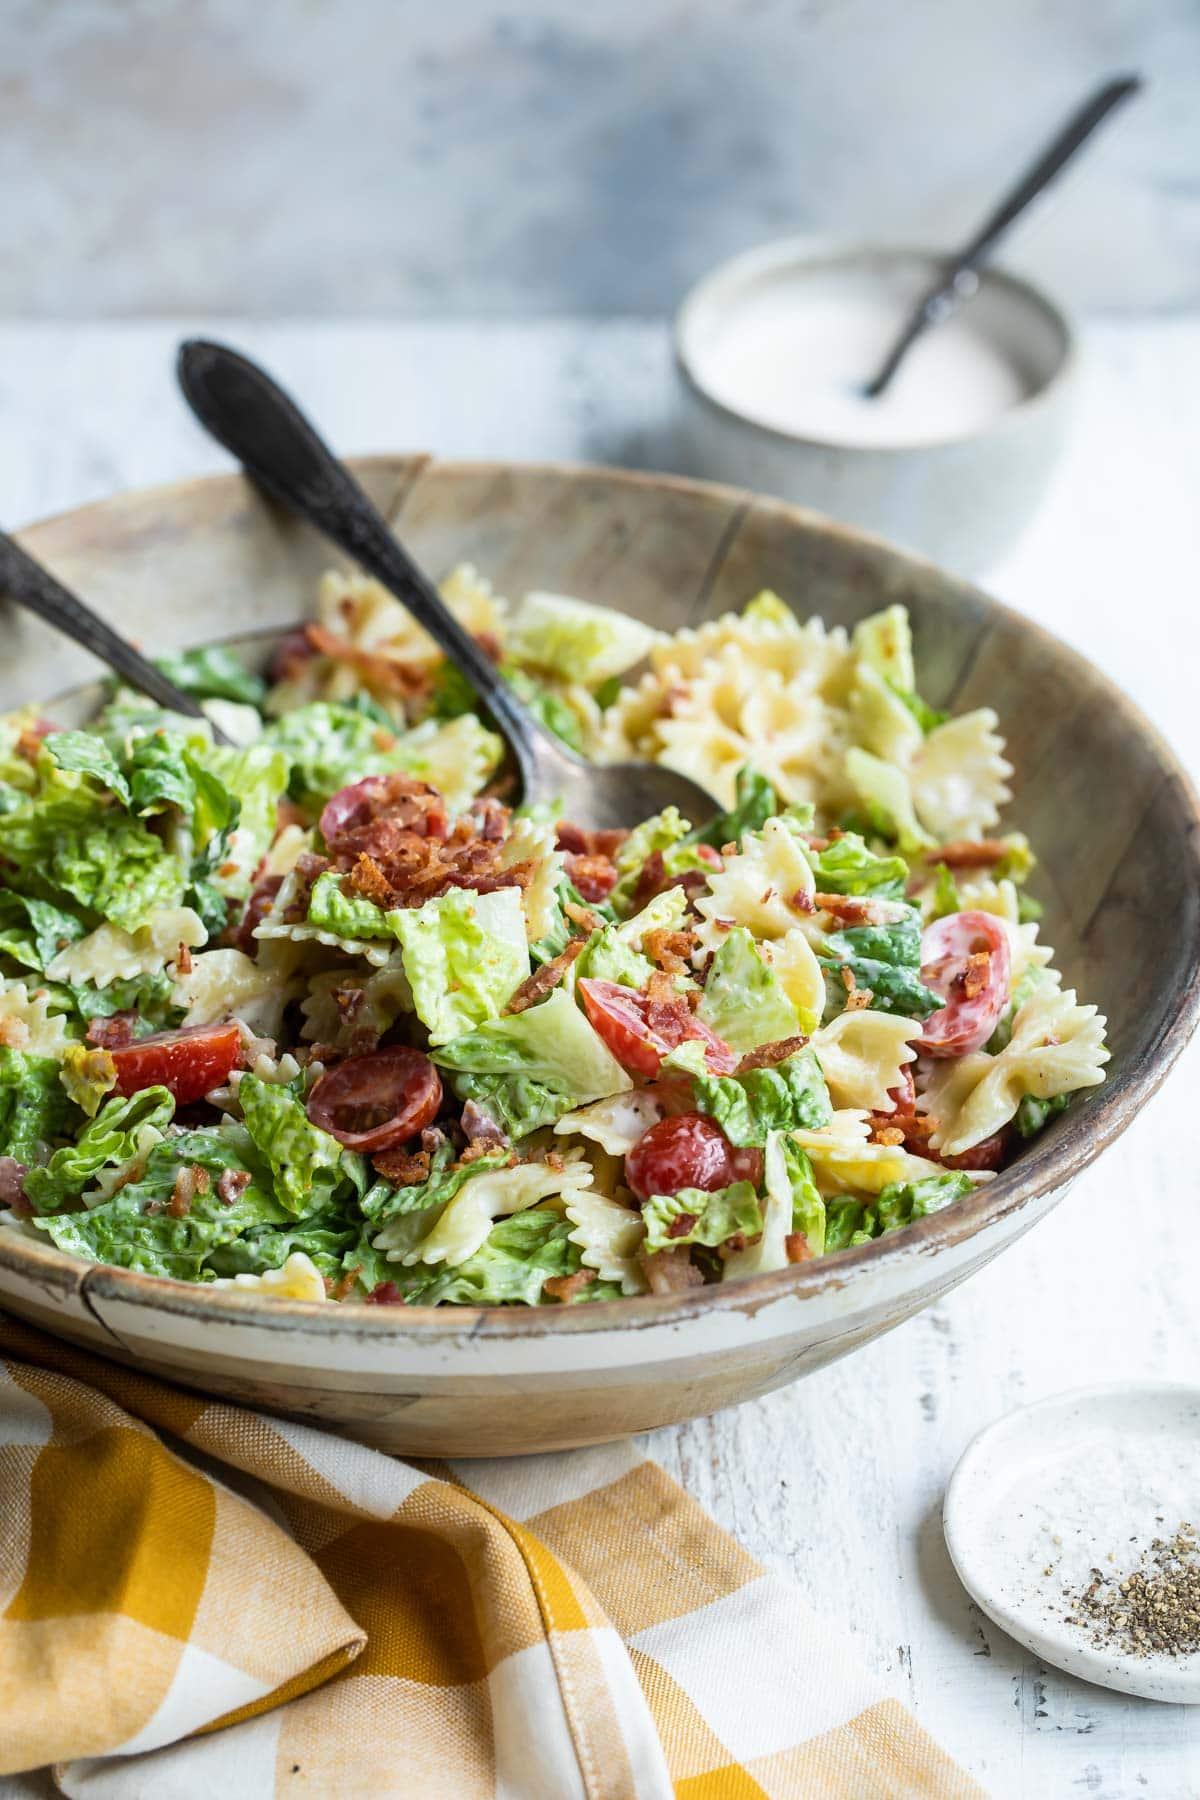 A bowl of BLT Pasta salad.